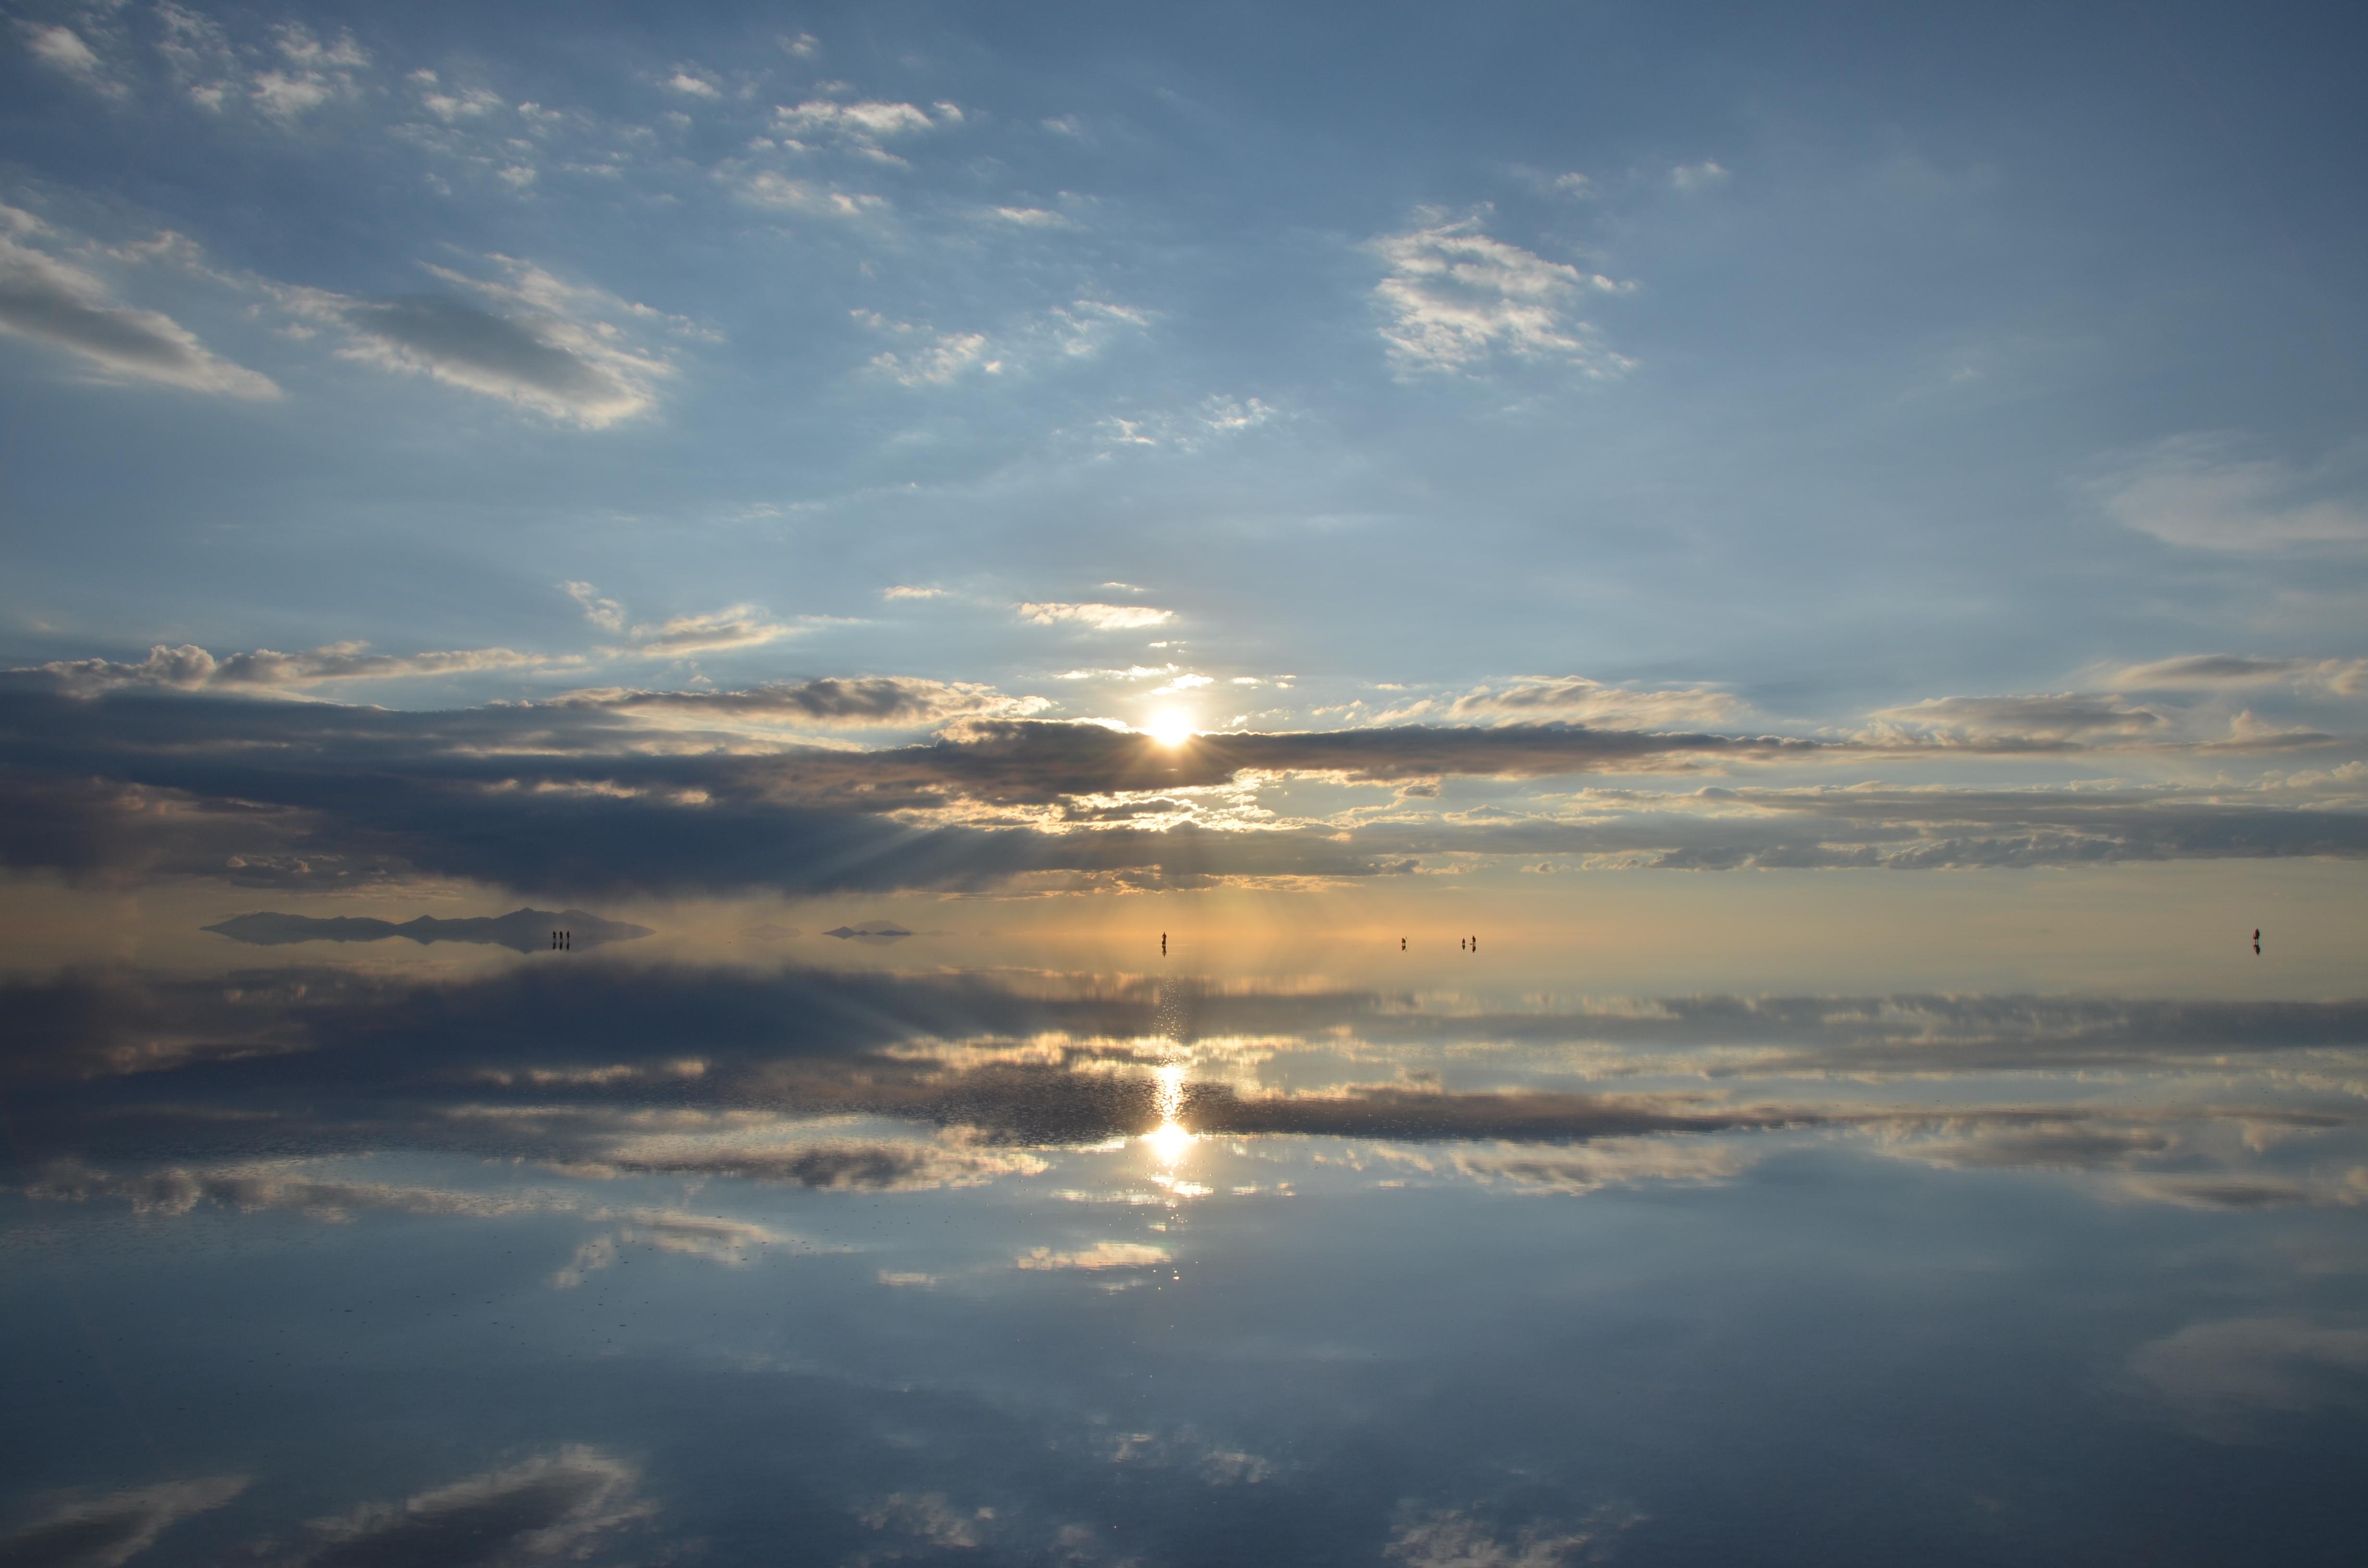 絶景!ウユニ塩湖遺跡の壁紙